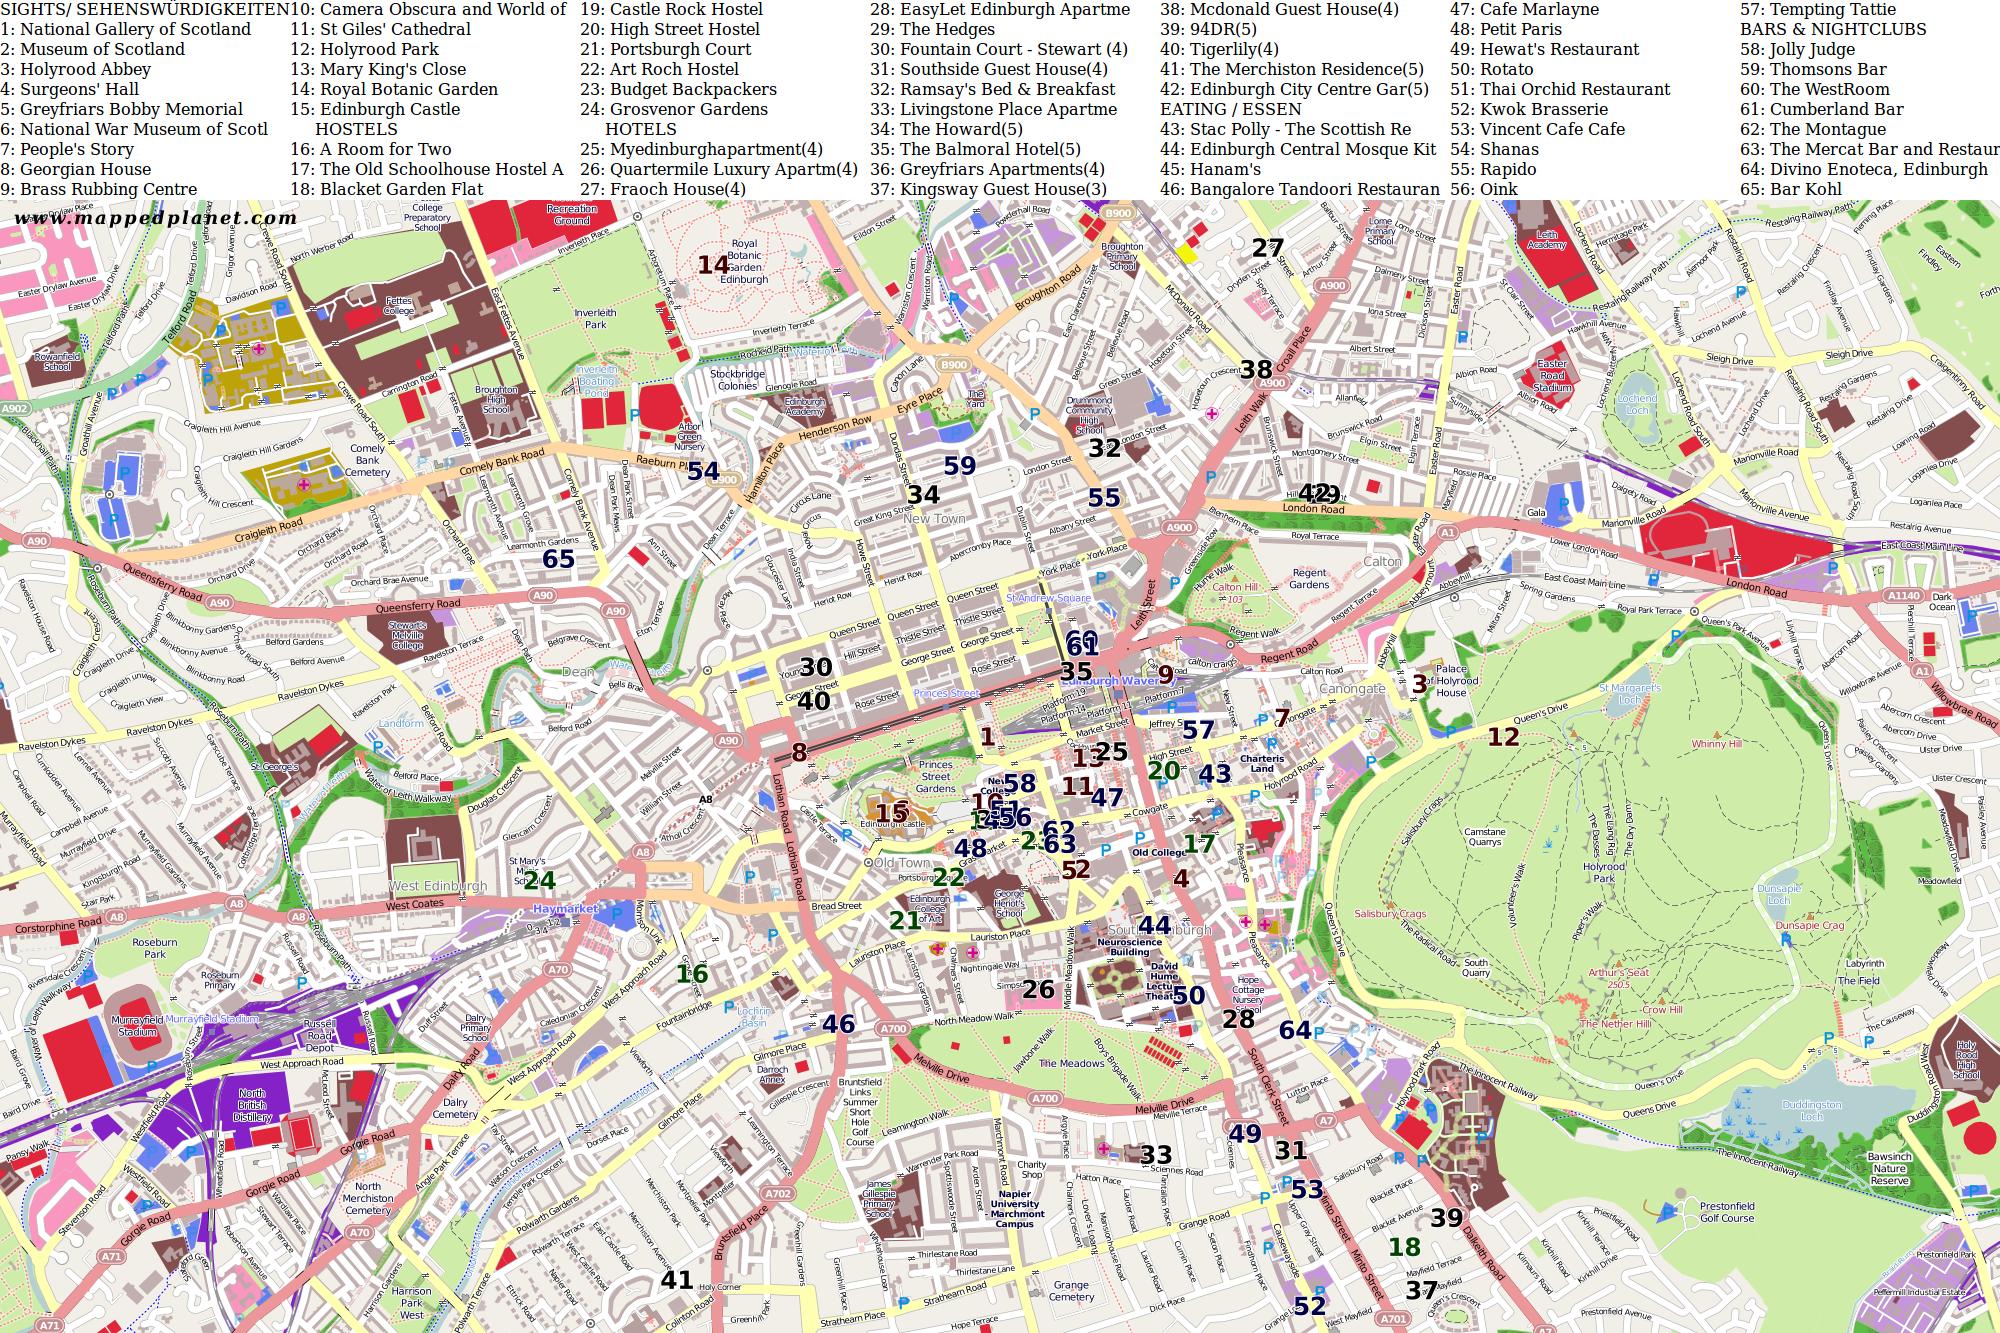 Sehenswürdigkeiten Großbritannien Karte.Karten Und Stadtpläne Edinburgh